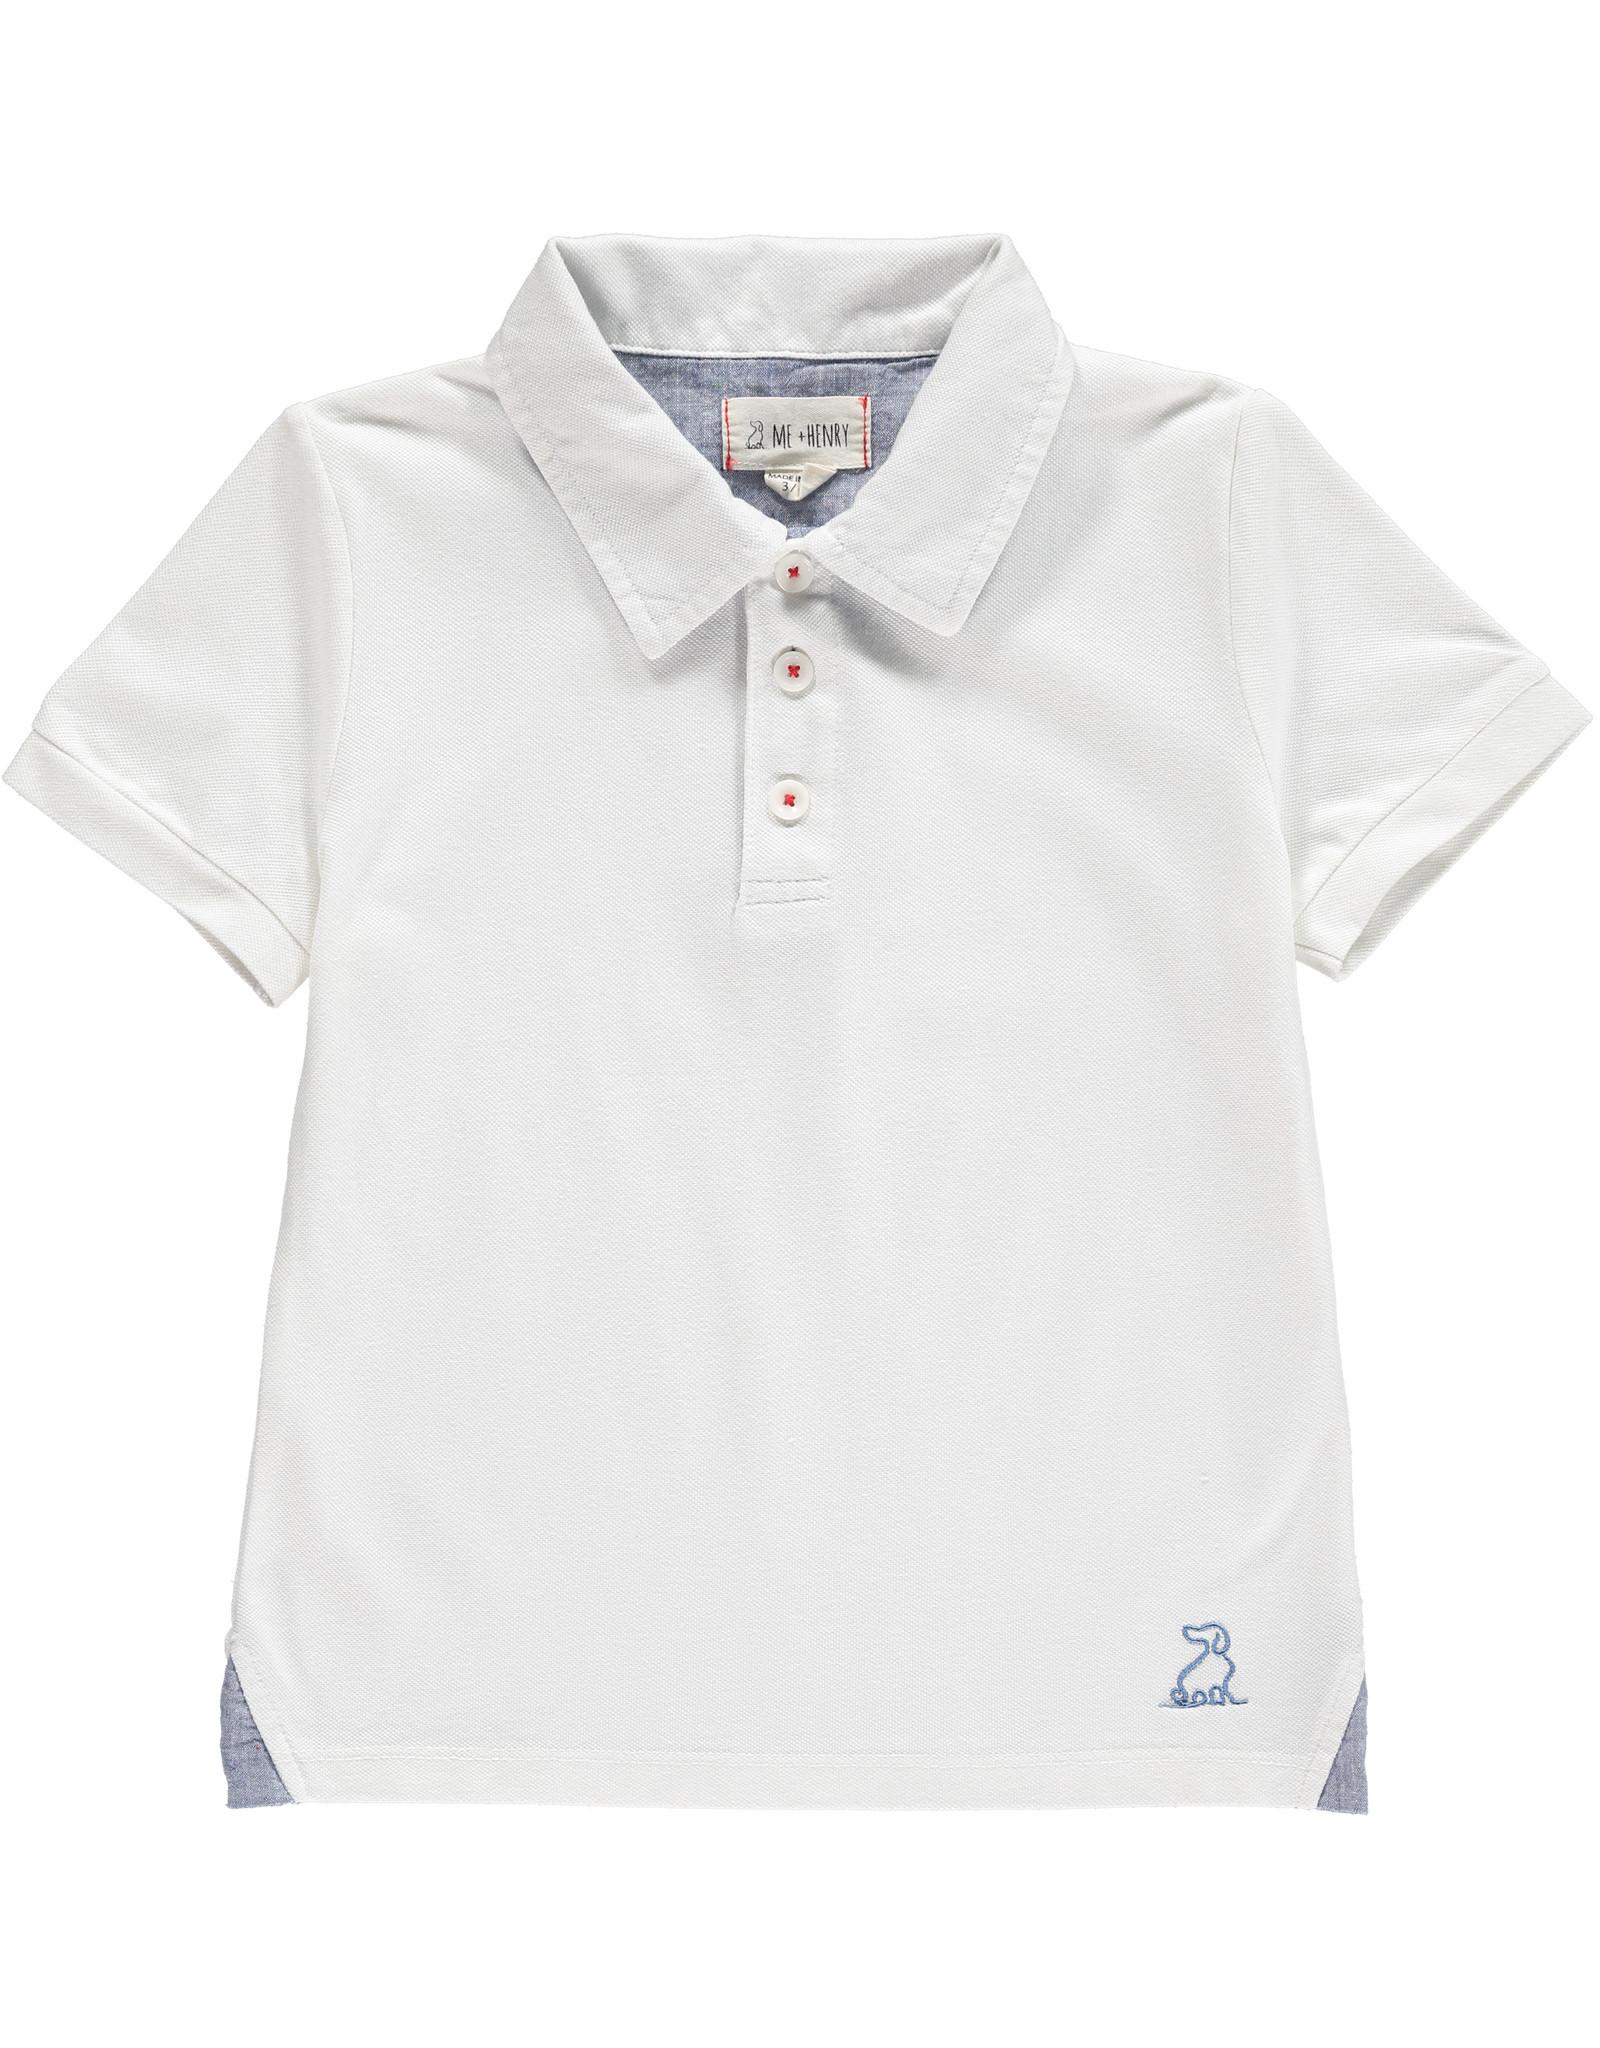 White Pique Polo - BB